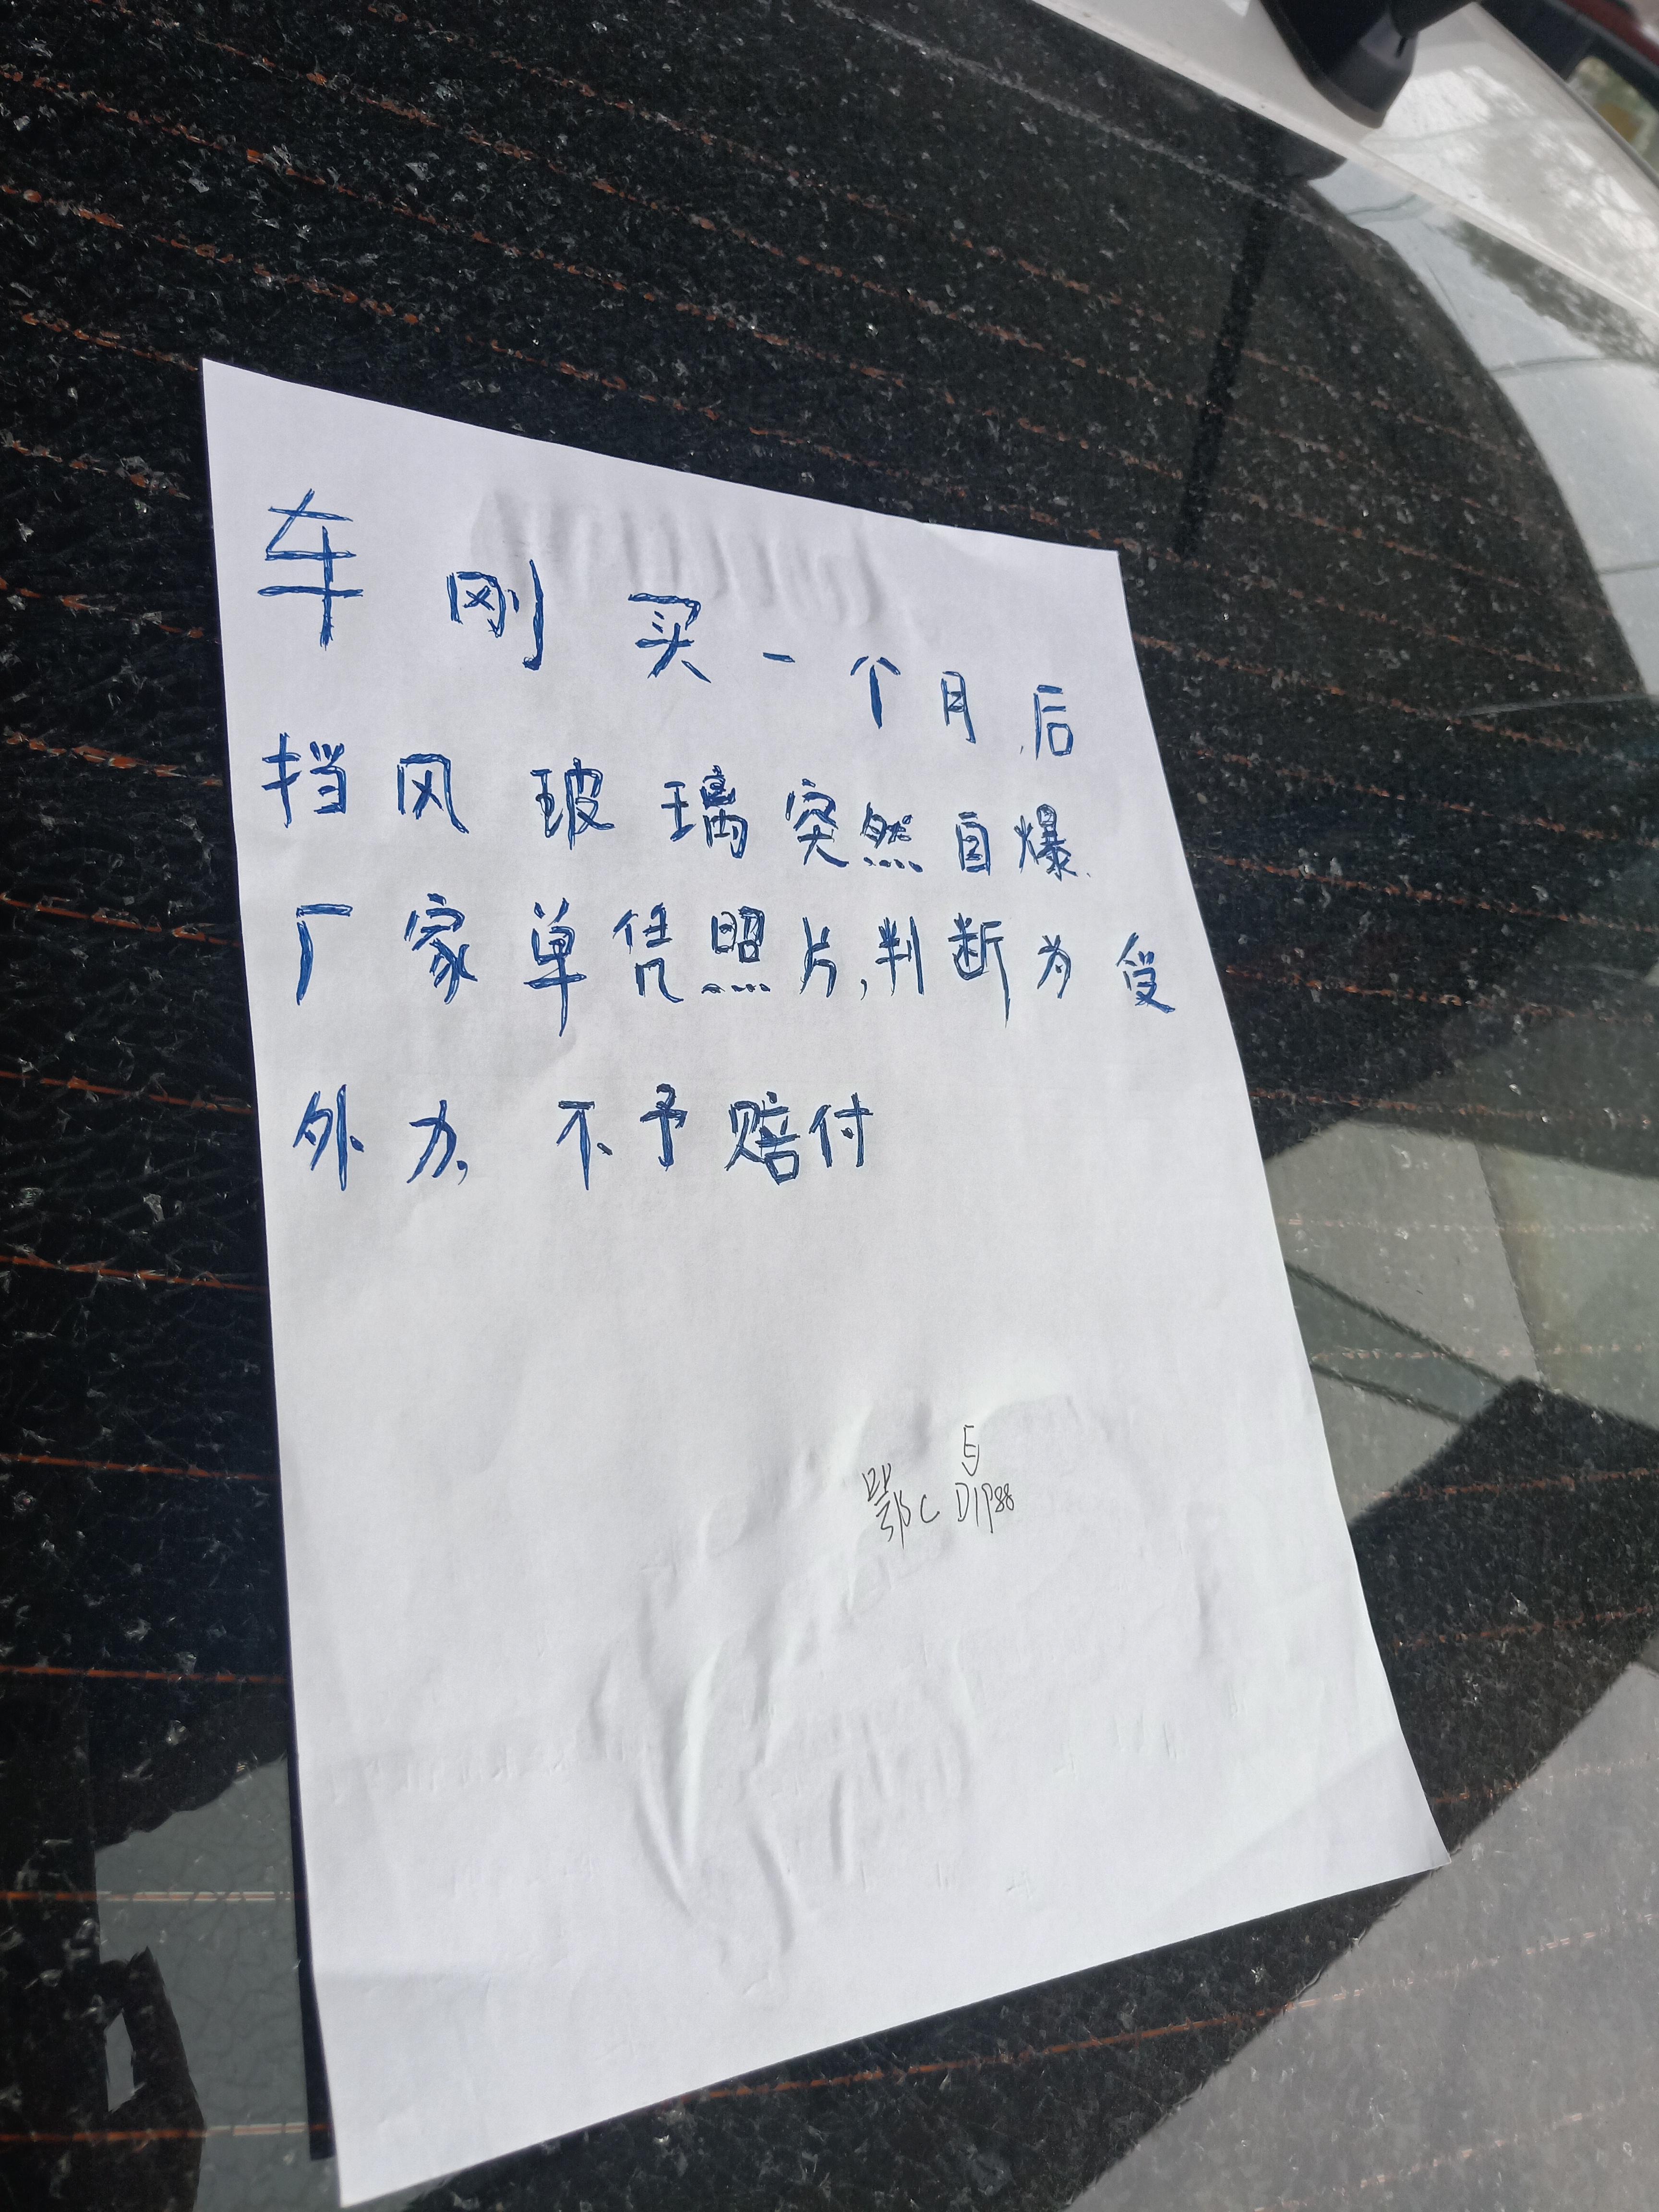 东风悦达起亚-焕驰 车辆在正常行驶过程中突然后挡风玻璃自爆,跟厂家交涉无果